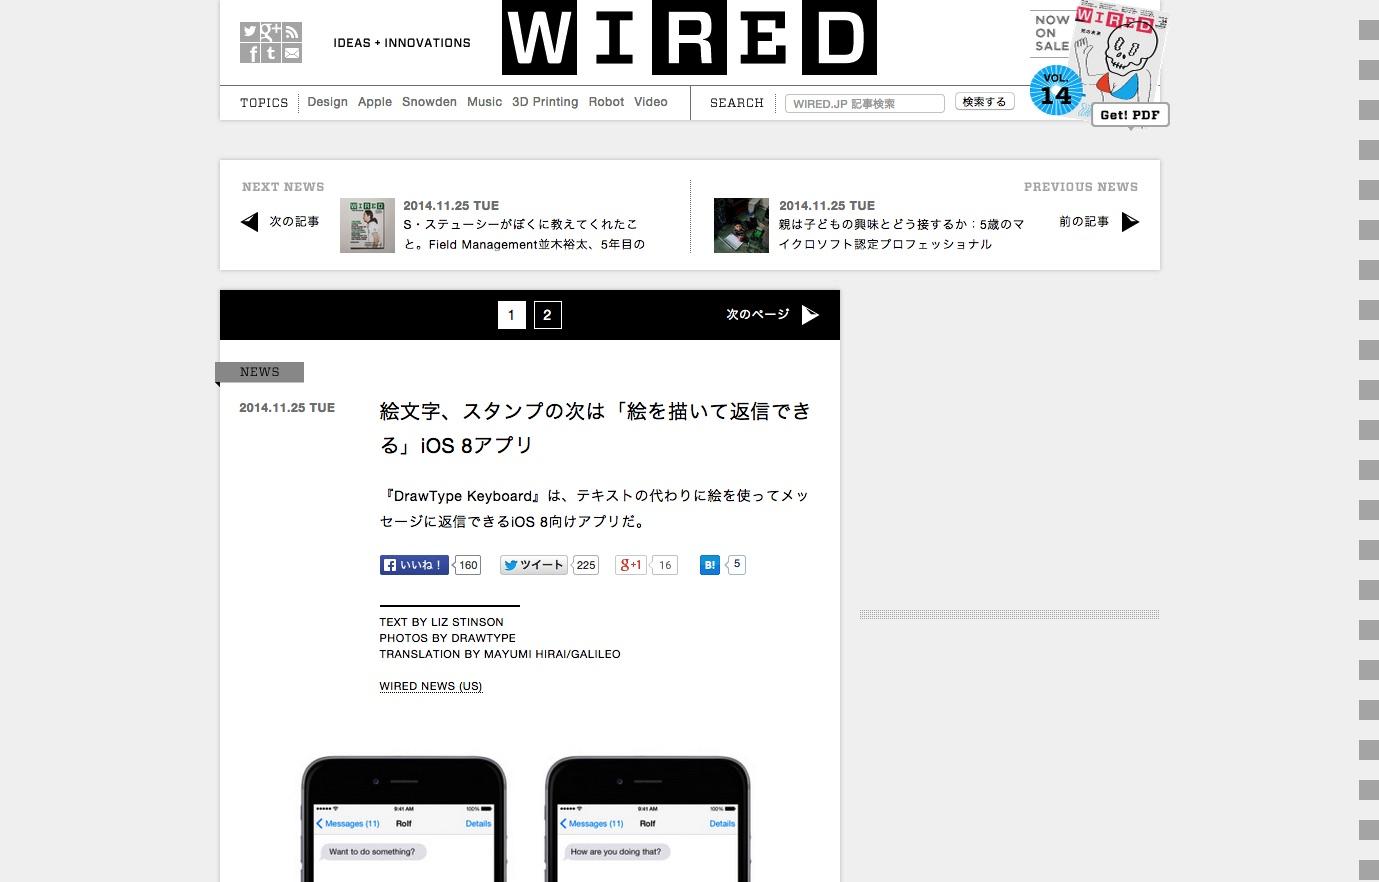 絵文字、スタンプの次は「絵を描いて返信できる」iOS 8アプリ « WIRED.jp